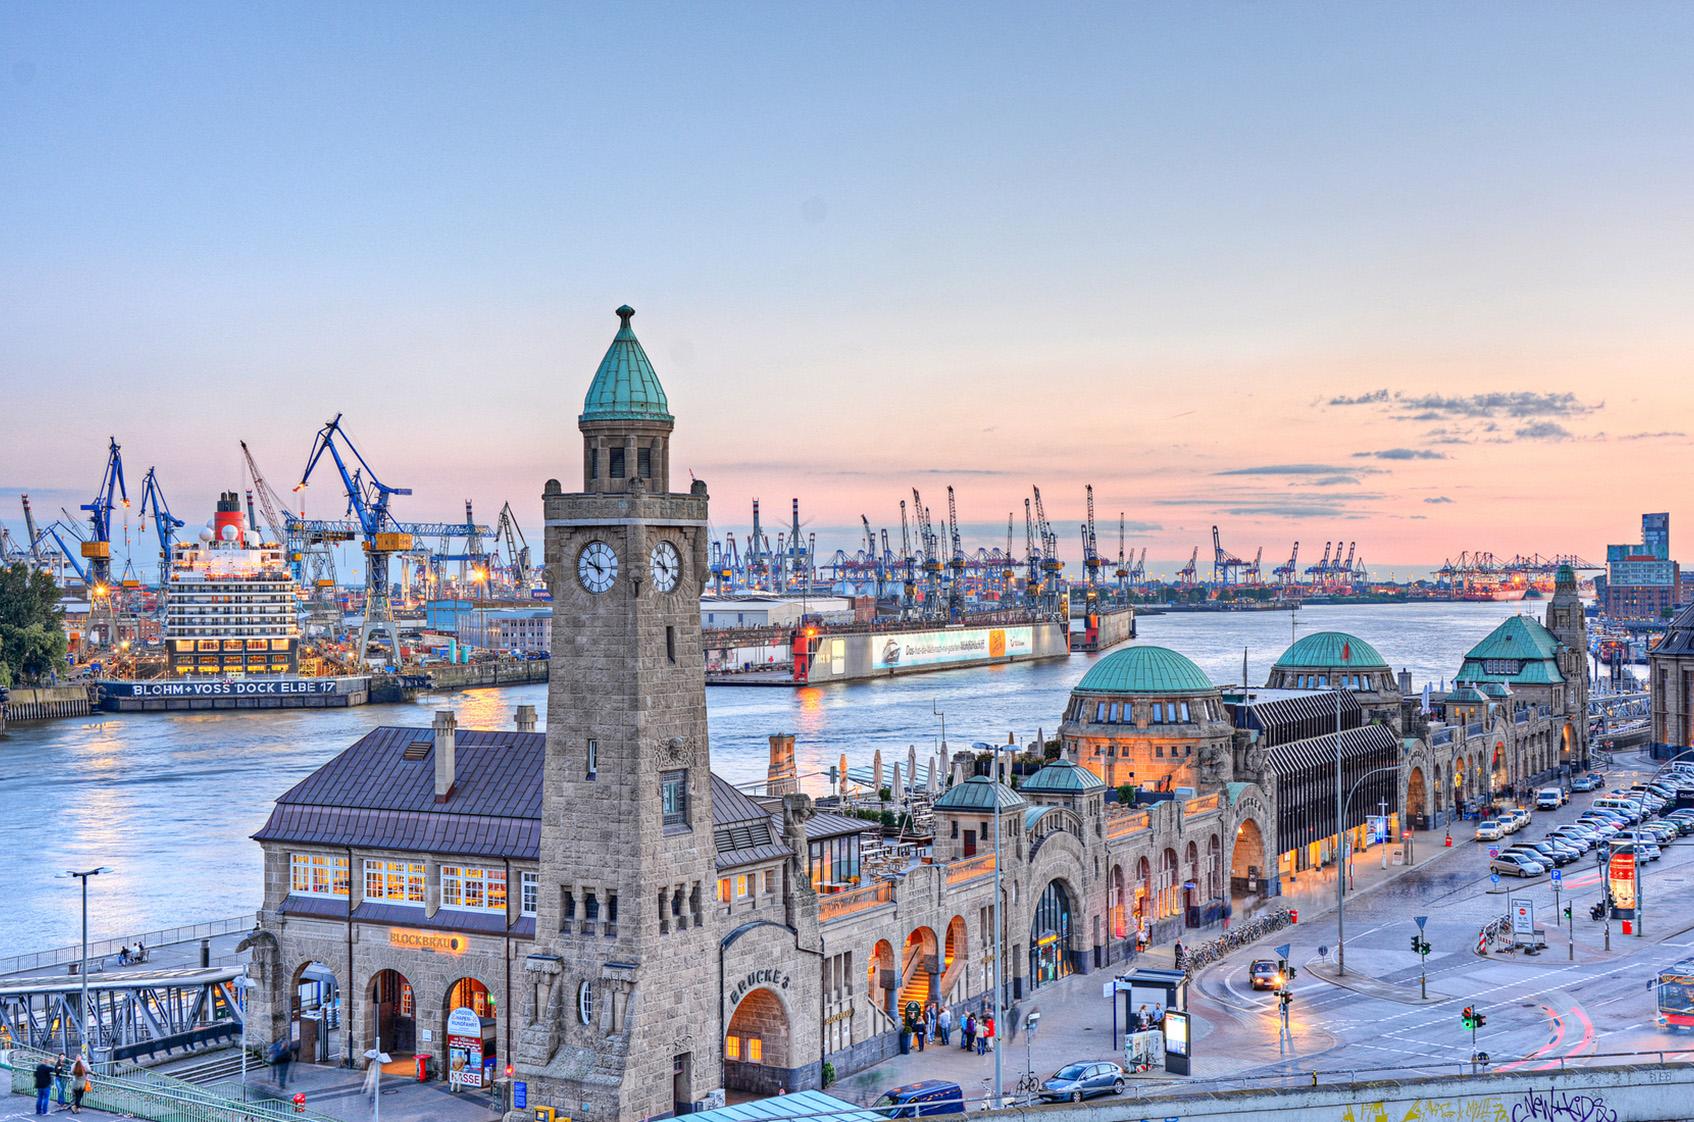 Entrümplung in Hamburg und Umland